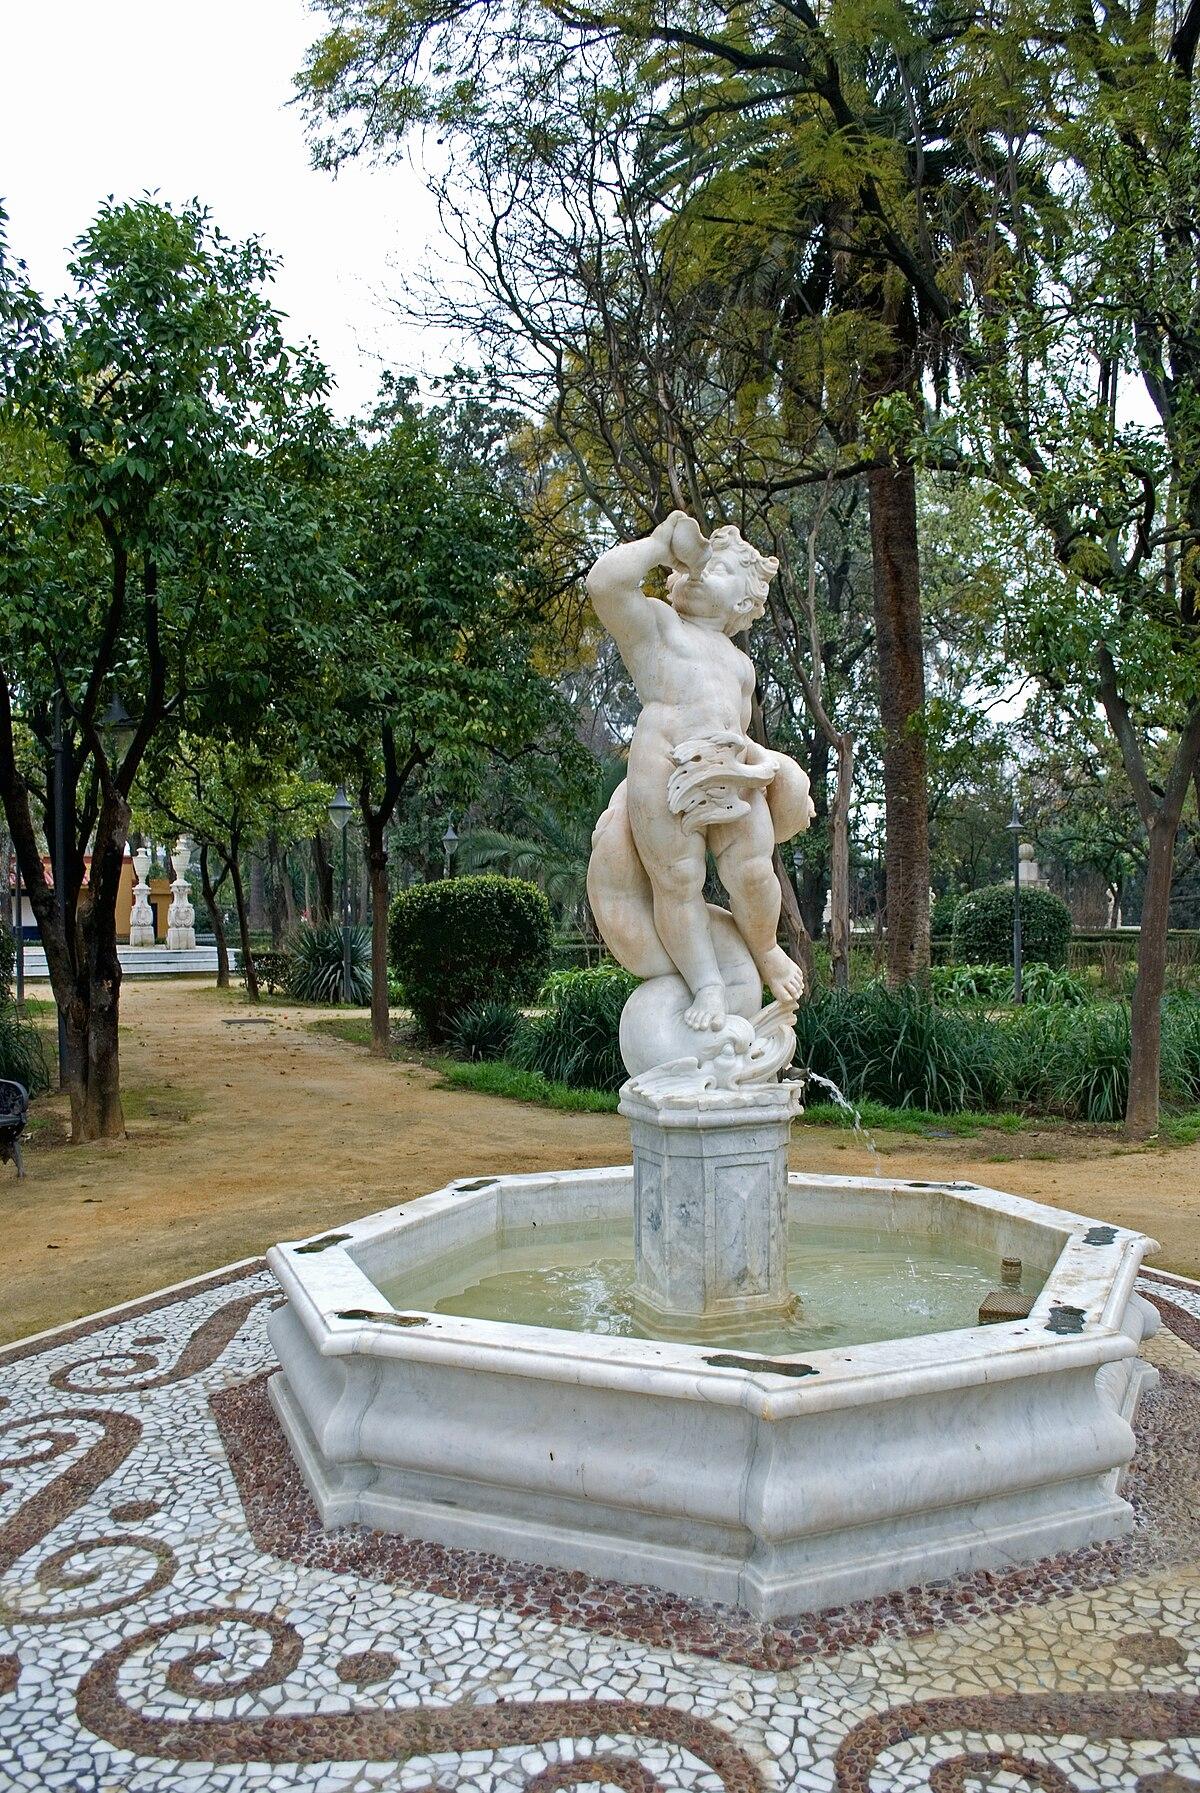 Jardines de las delicias sevilla wikipedia la - Jardines verticales sevilla ...